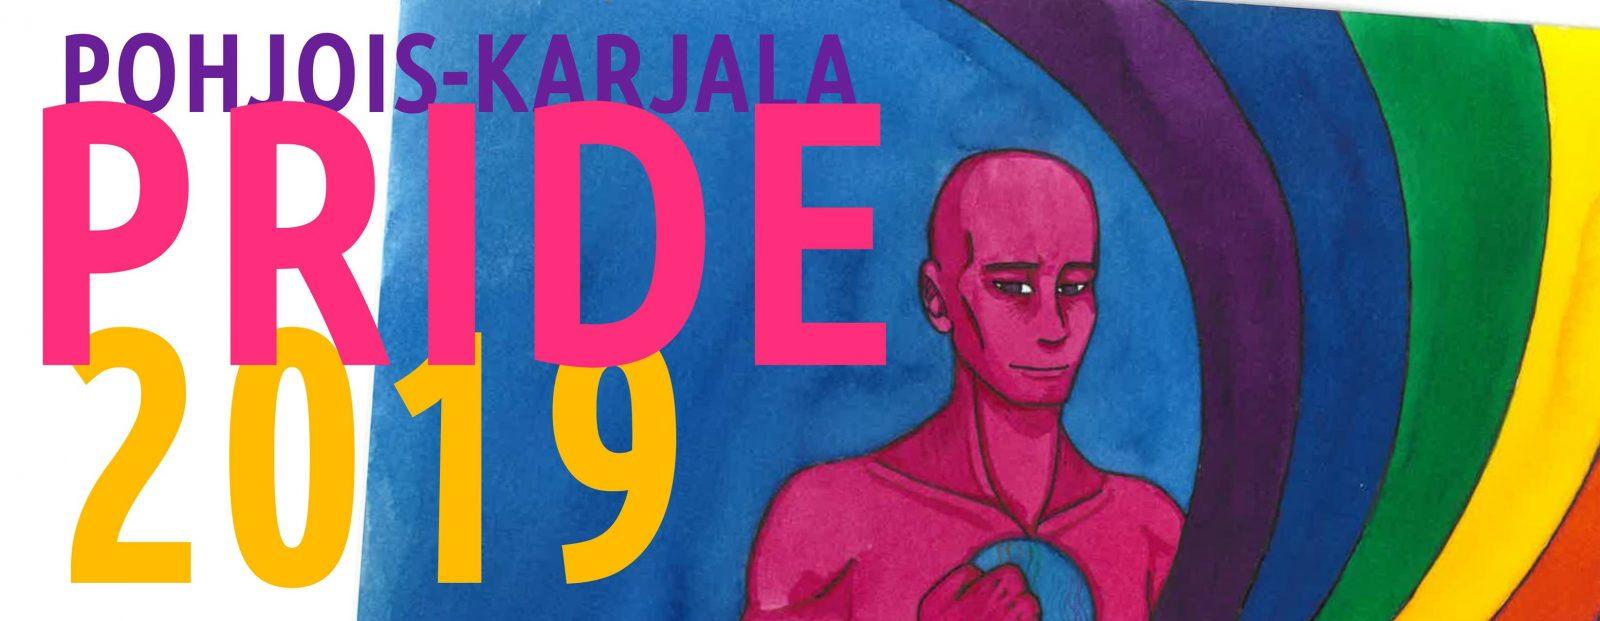 Kuvassa on Pohjois-Karjala Pride 2019:n tunnus